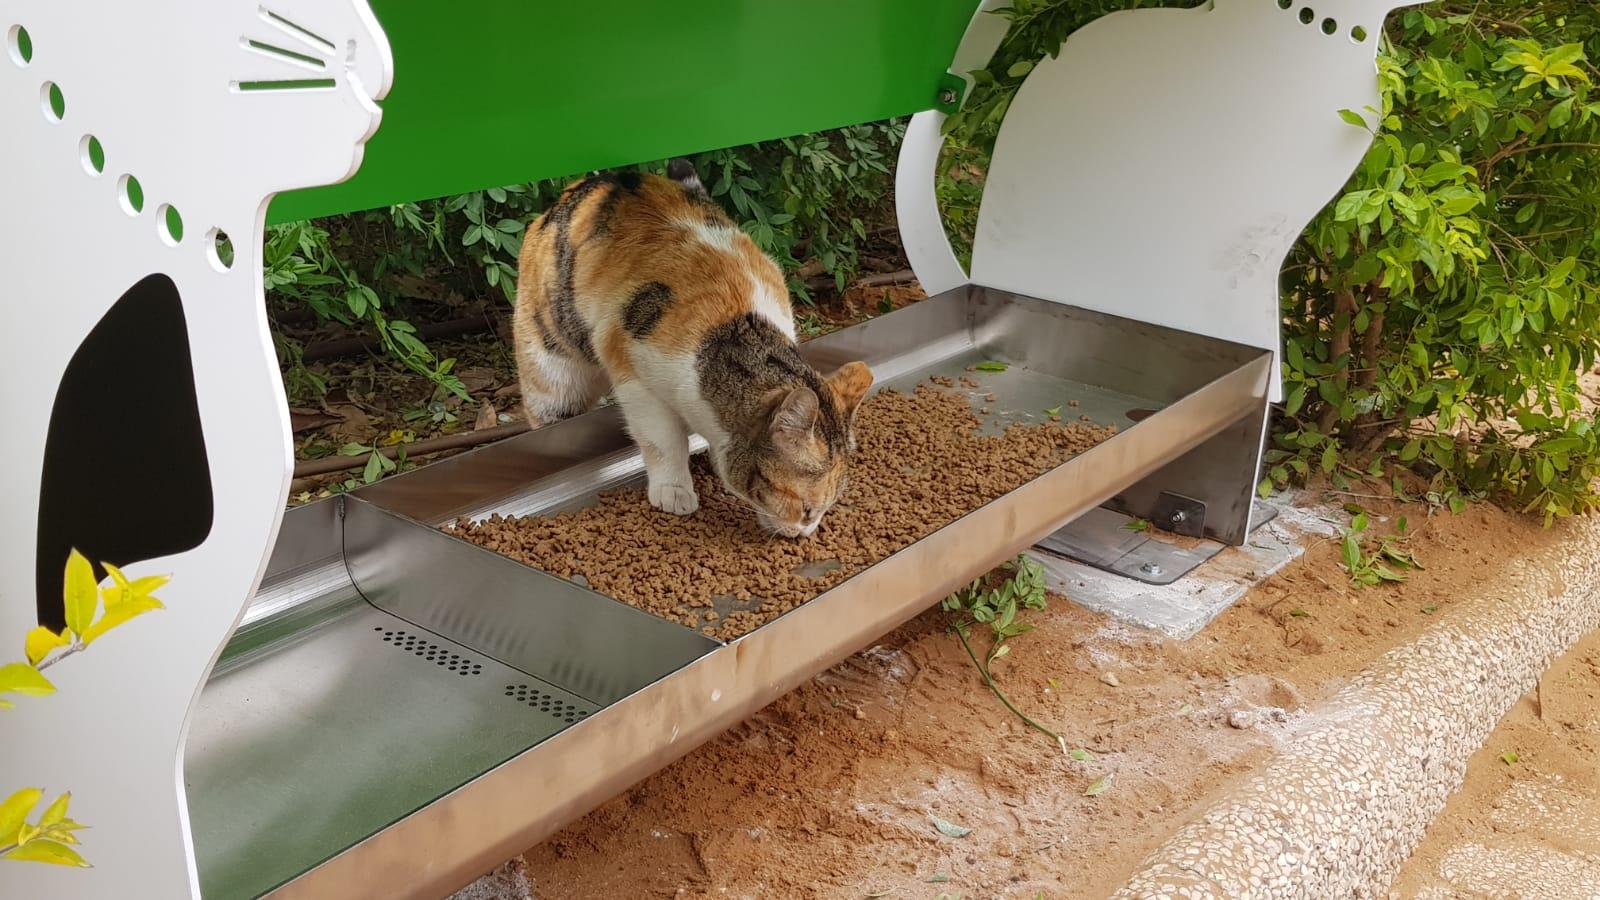 מי מבתר חתולים ויונים ברחובות תל אביב?